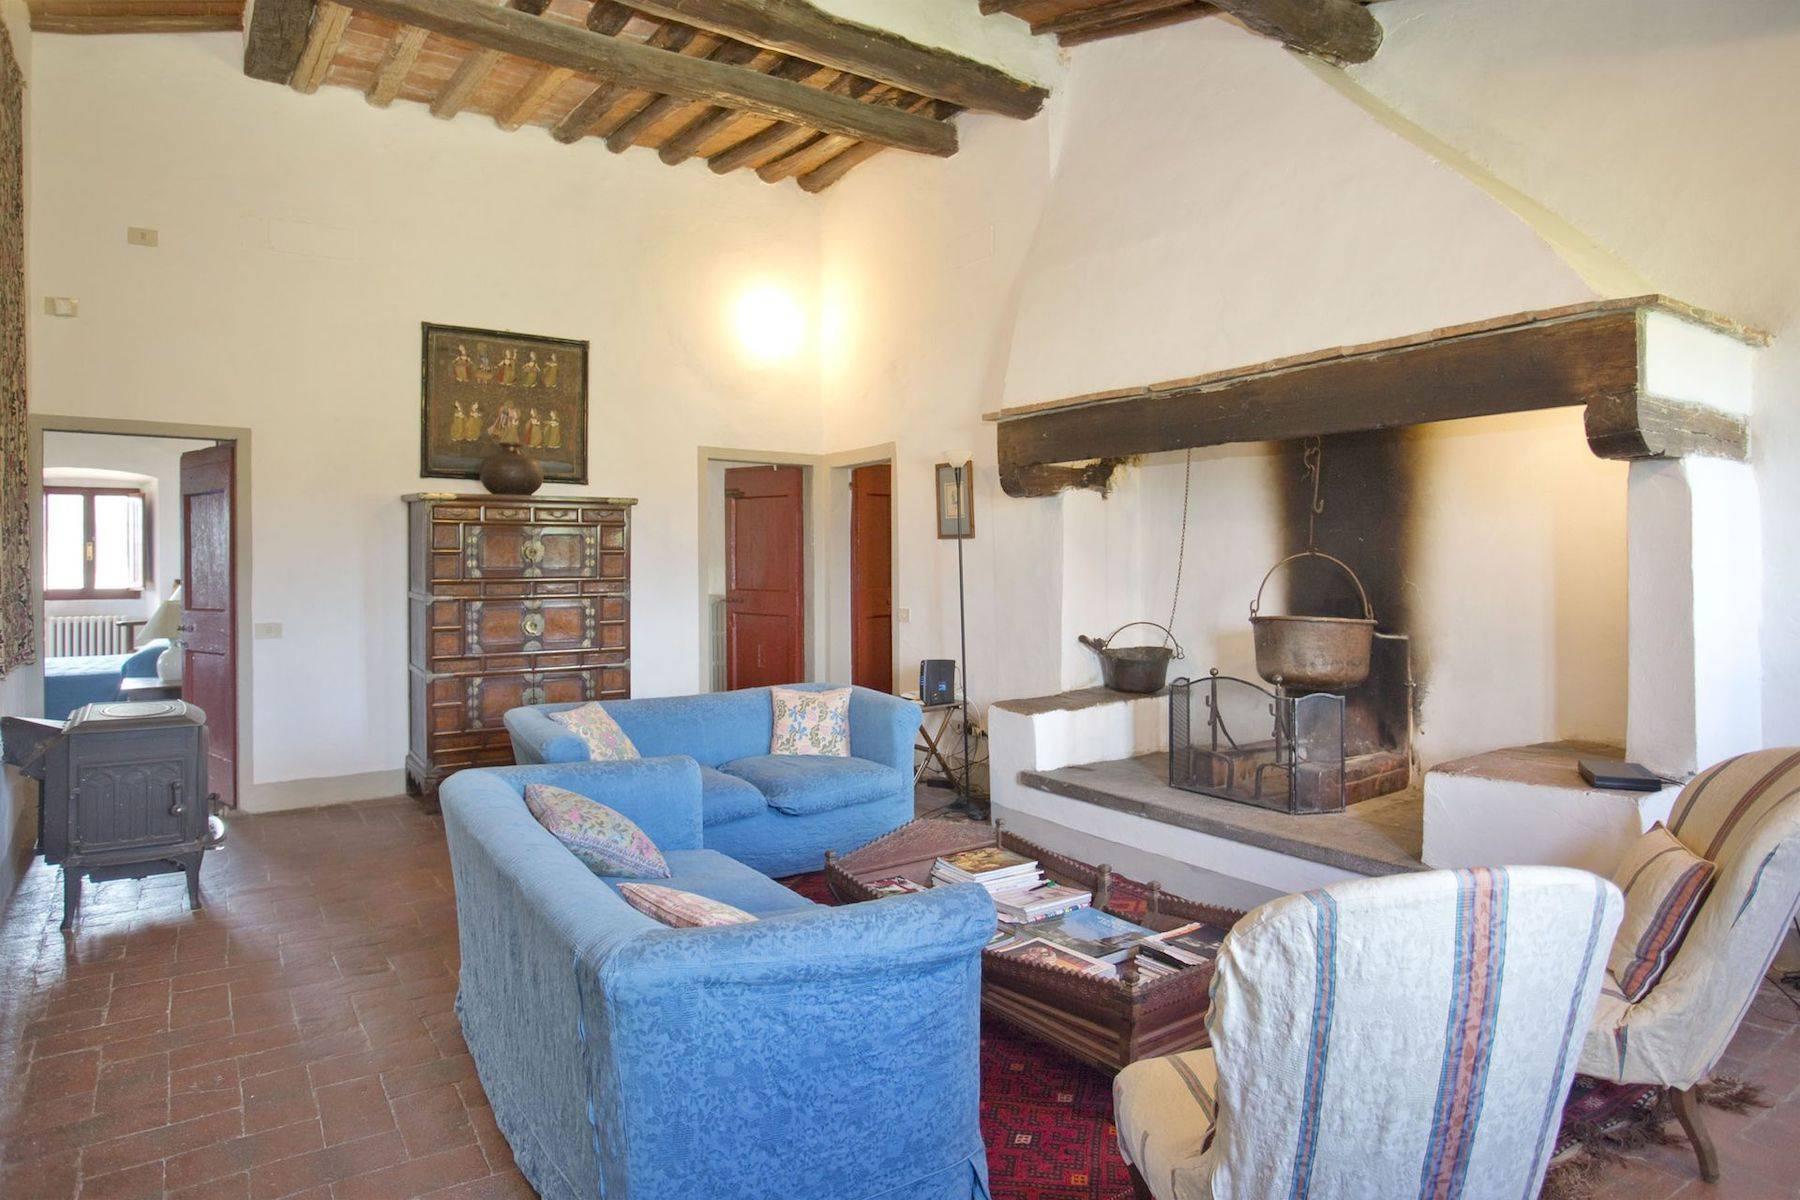 Villa in Vendita a Rignano Sull'Arno: 5 locali, 550 mq - Foto 13